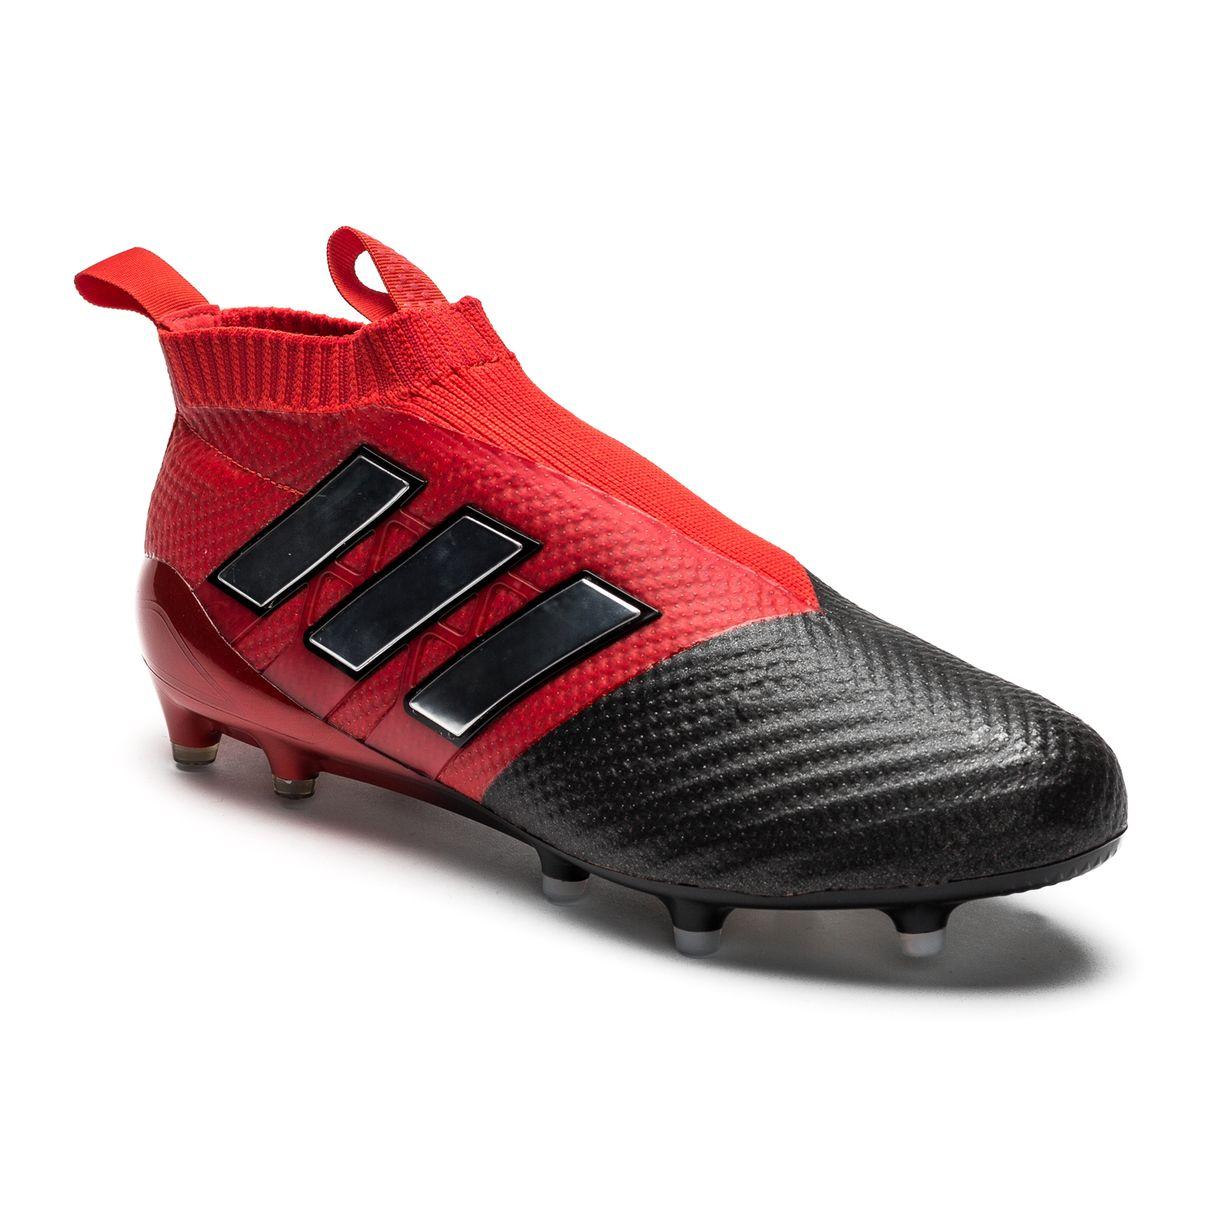 Kotníkové kopačky Adidas ACE 17+ Purecontrol